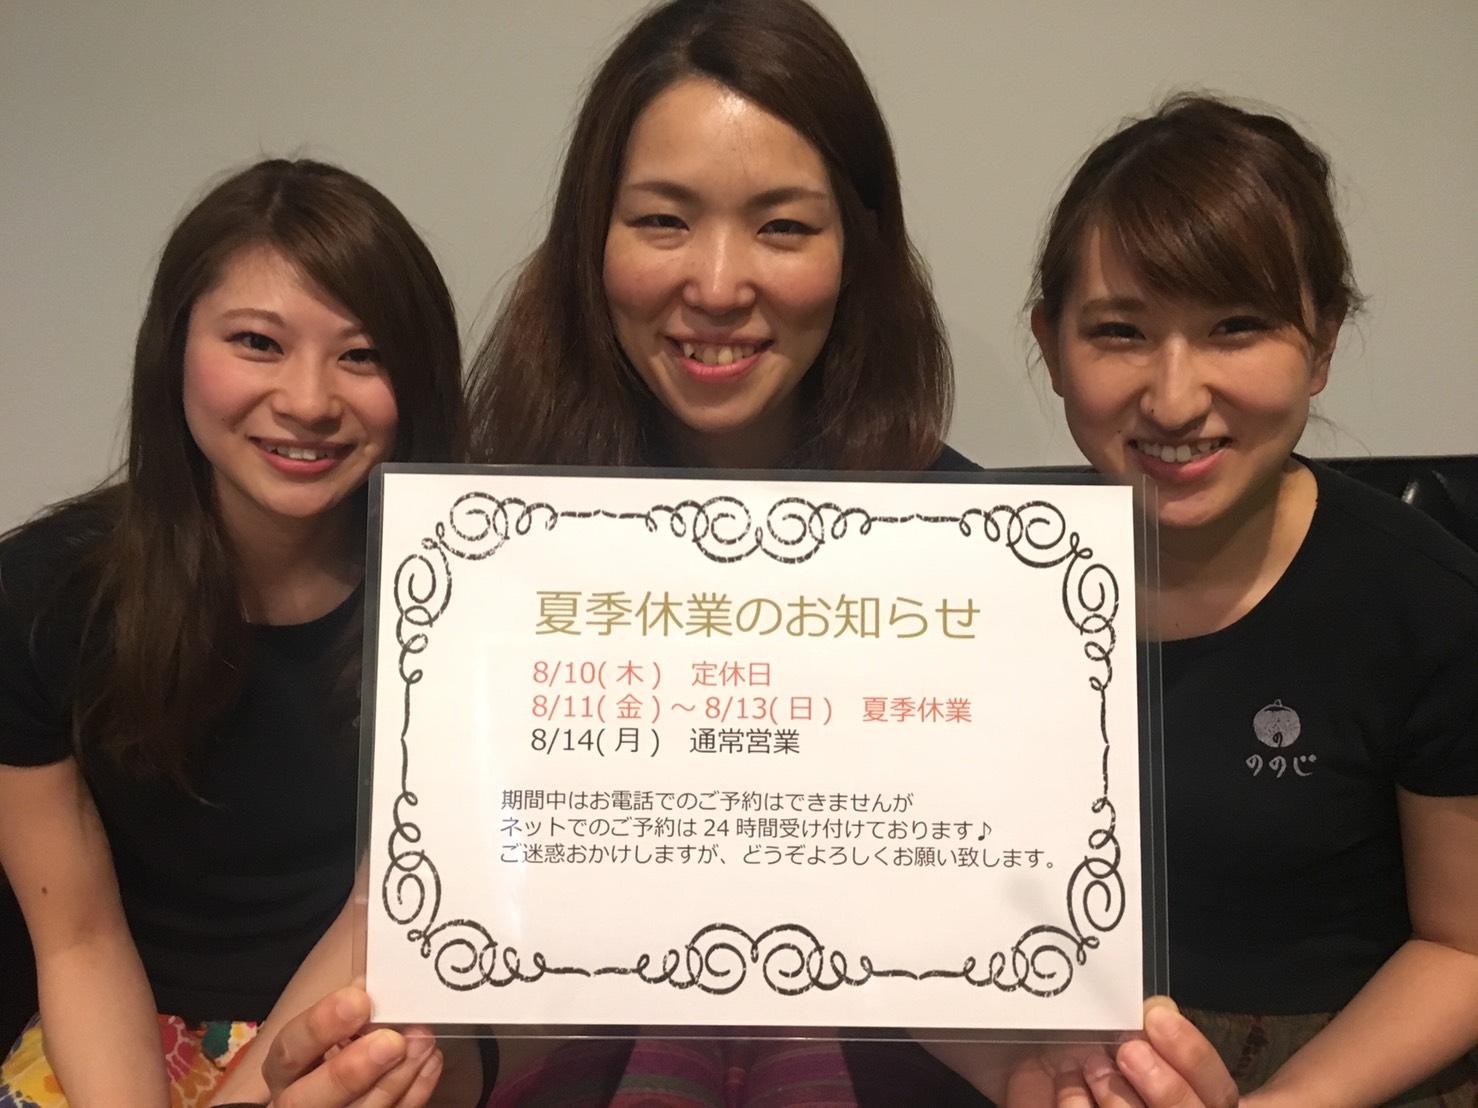 2017年お盆休み(夏季休業)のお知らせ動画